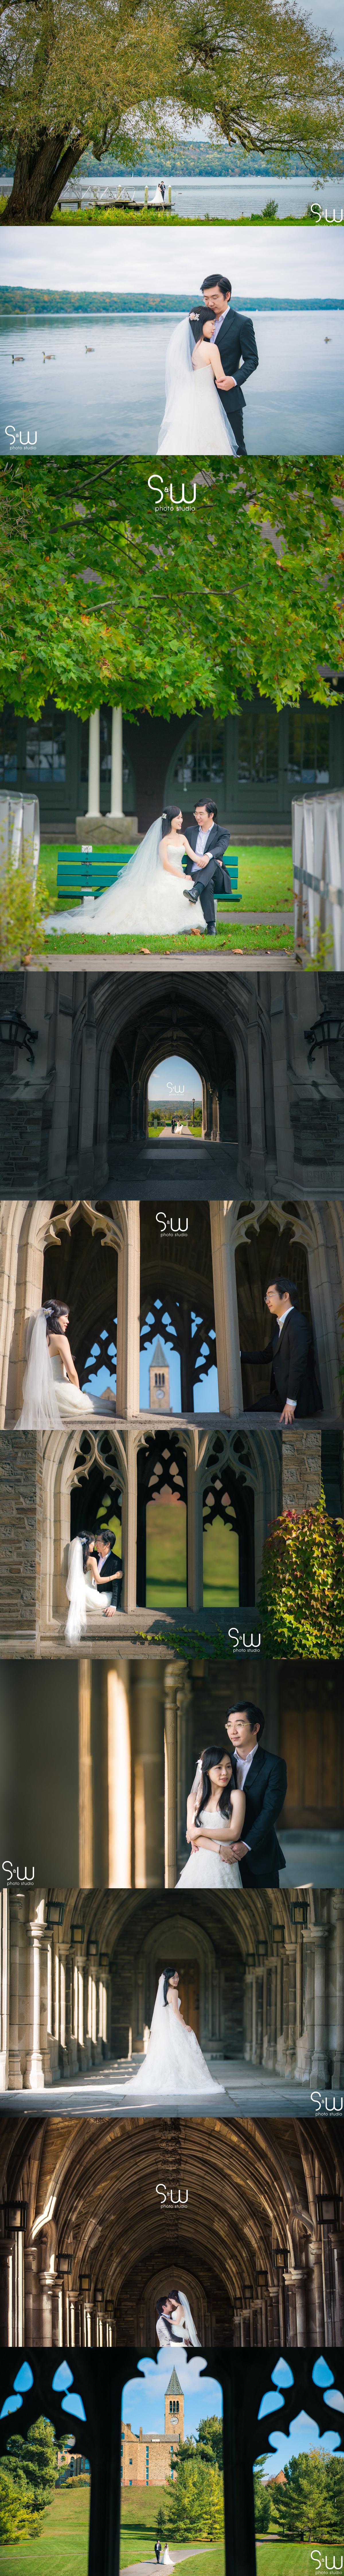 婚紗攝影,紐約康奈爾大學,海外婚紗